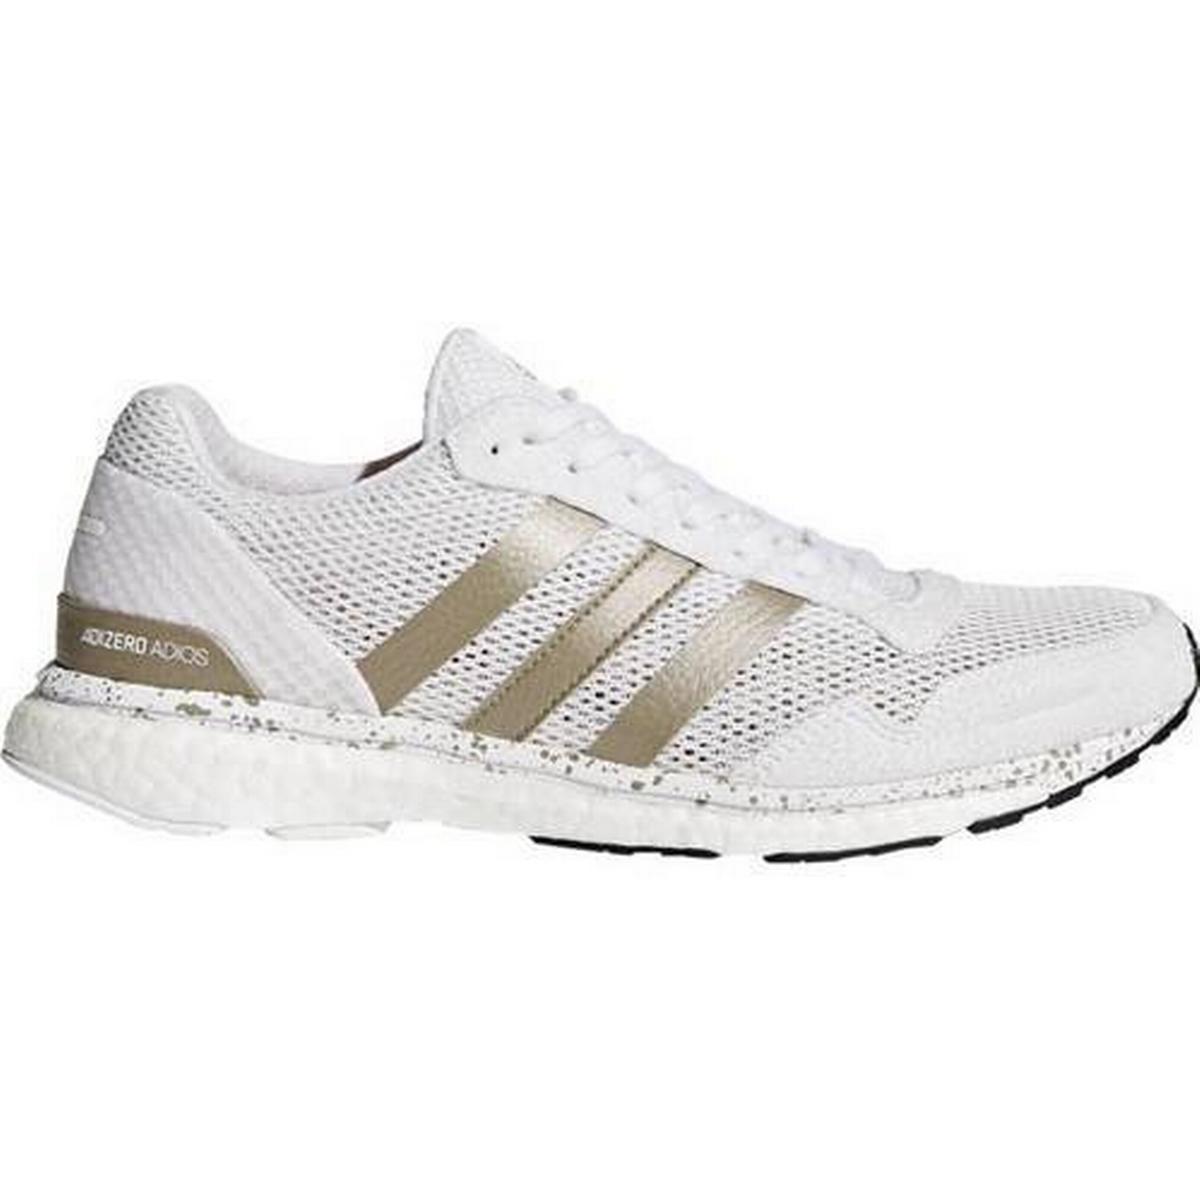 Adidas adiZero Skor (1000+ produkter) hos PriceRunner • Se